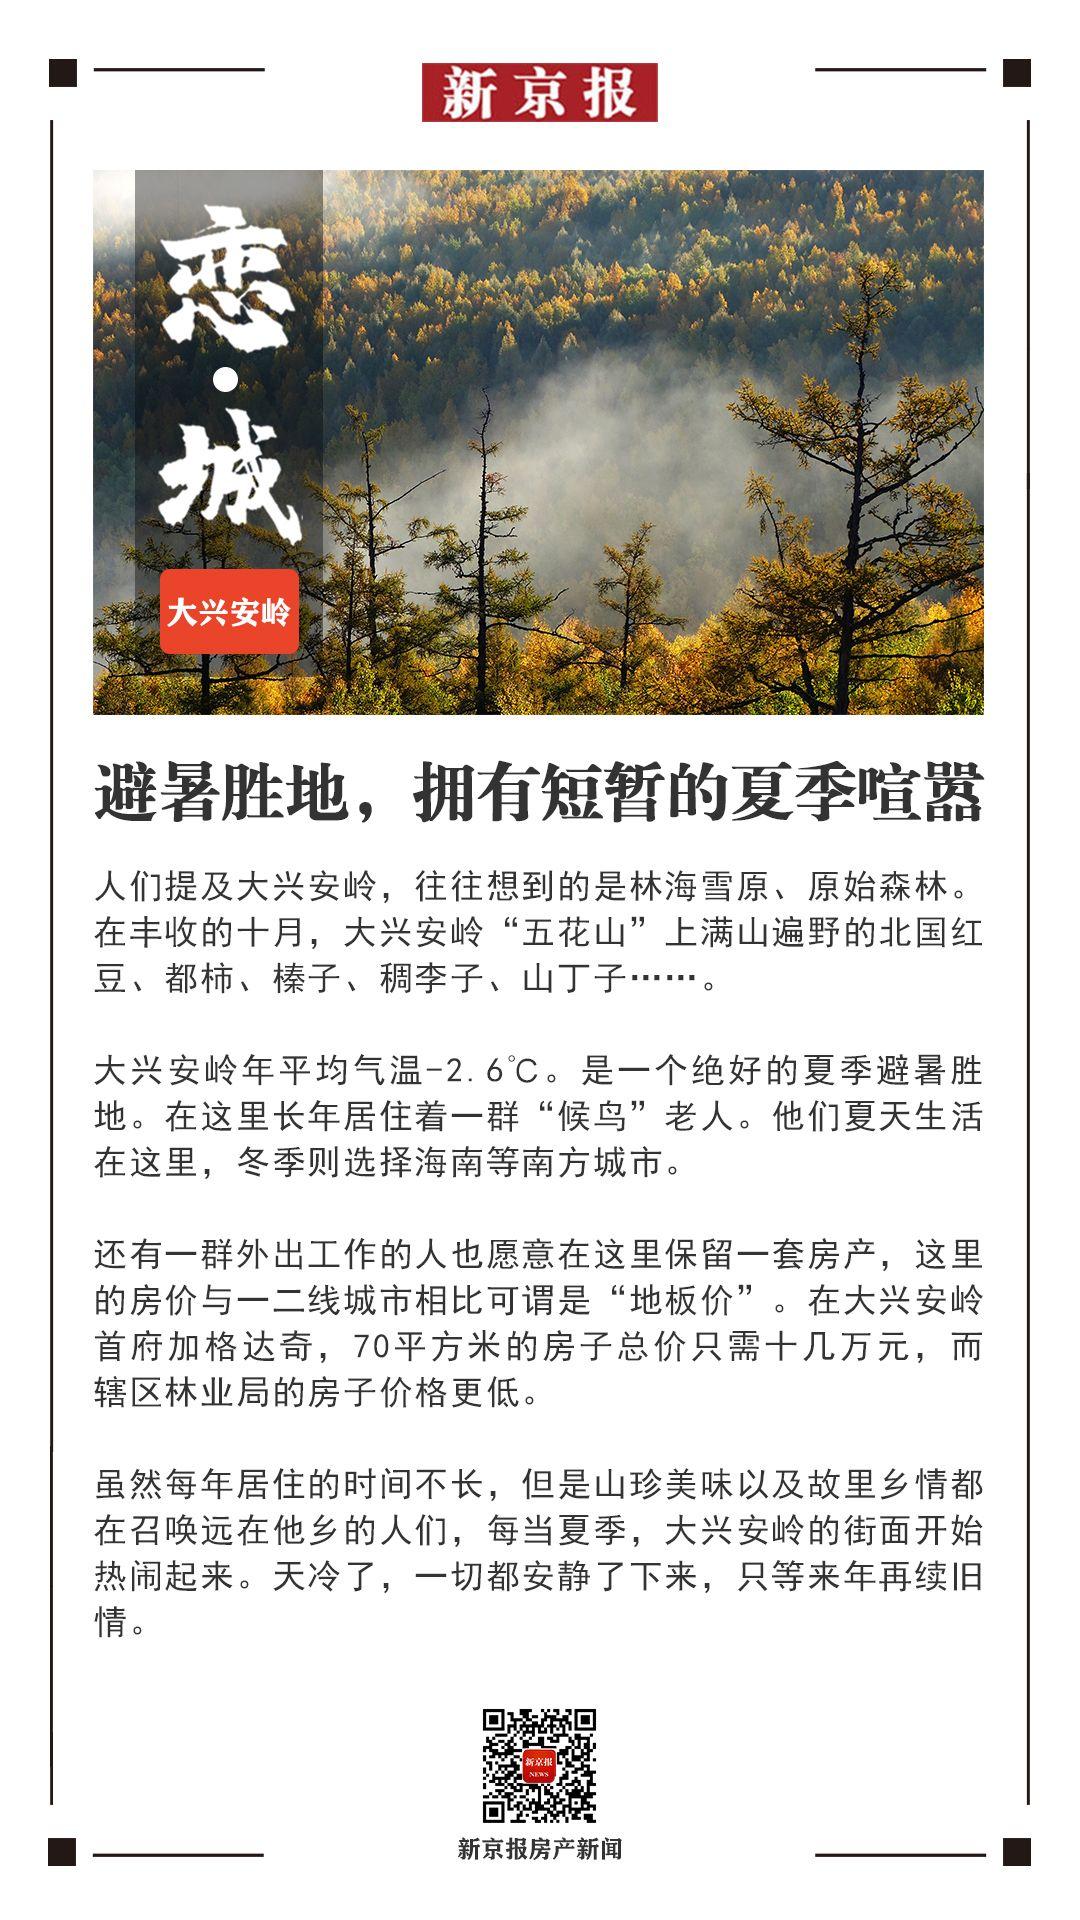 恋•城|大兴安岭:避暑胜地,拥有短暂的夏季喧嚣图片